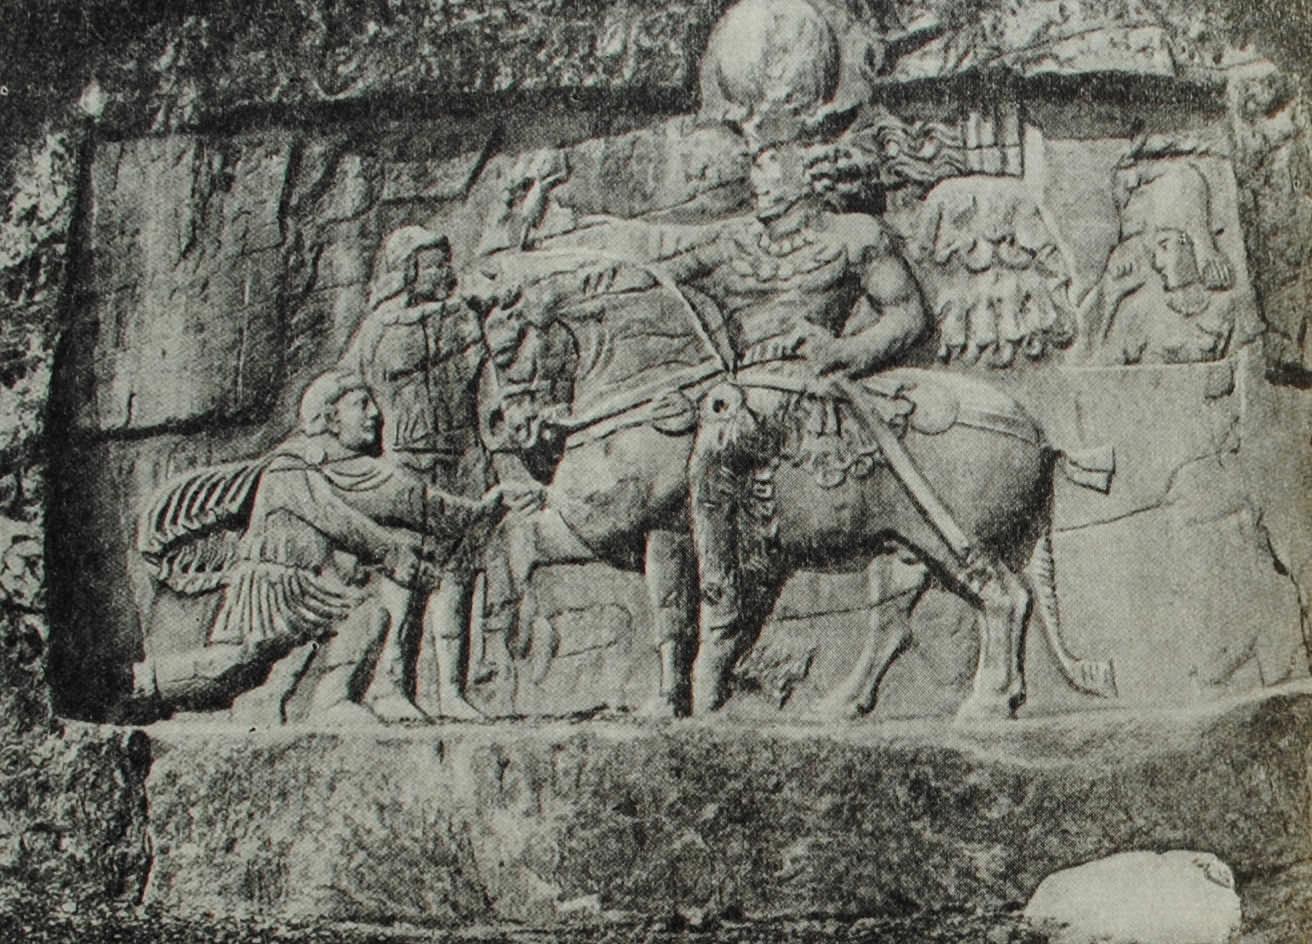 Император Валериан, побеждённый царём Шапуром I. Наскальный сасанидский рельеф в Накш-и-Реджебе, близ Персеполя. III в. н. э.